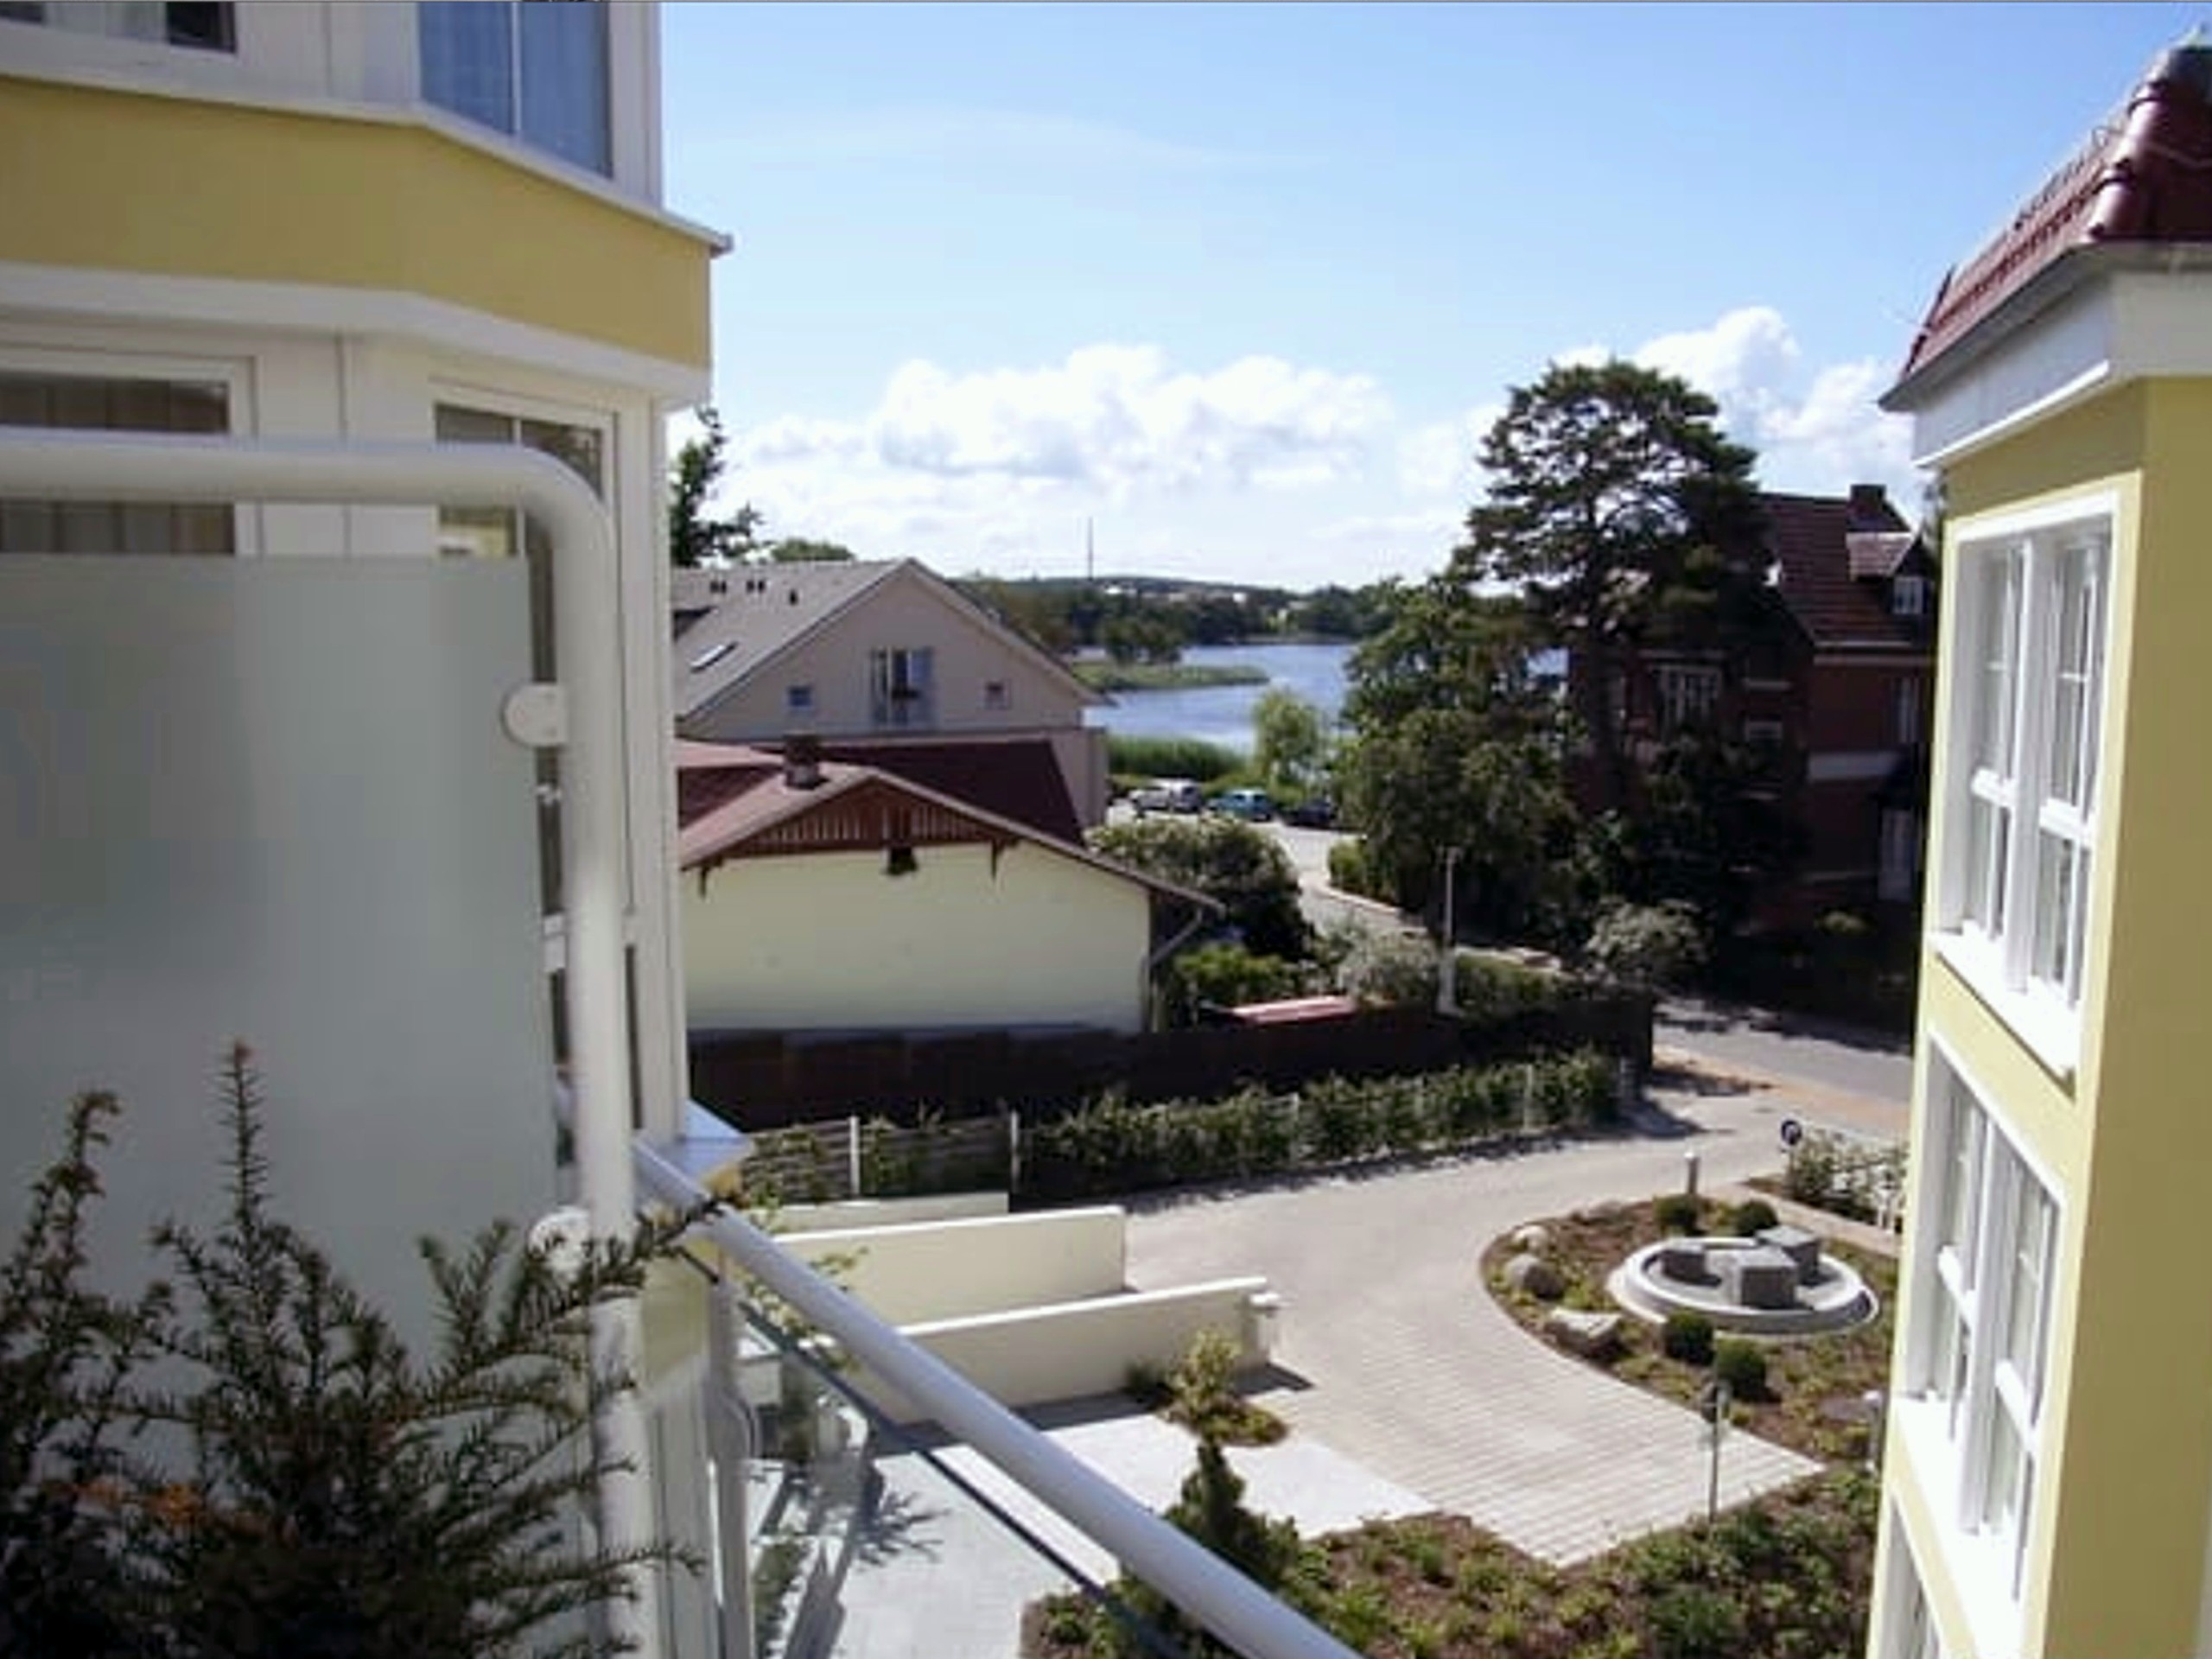 Terrassenblick auf die Schloonsee